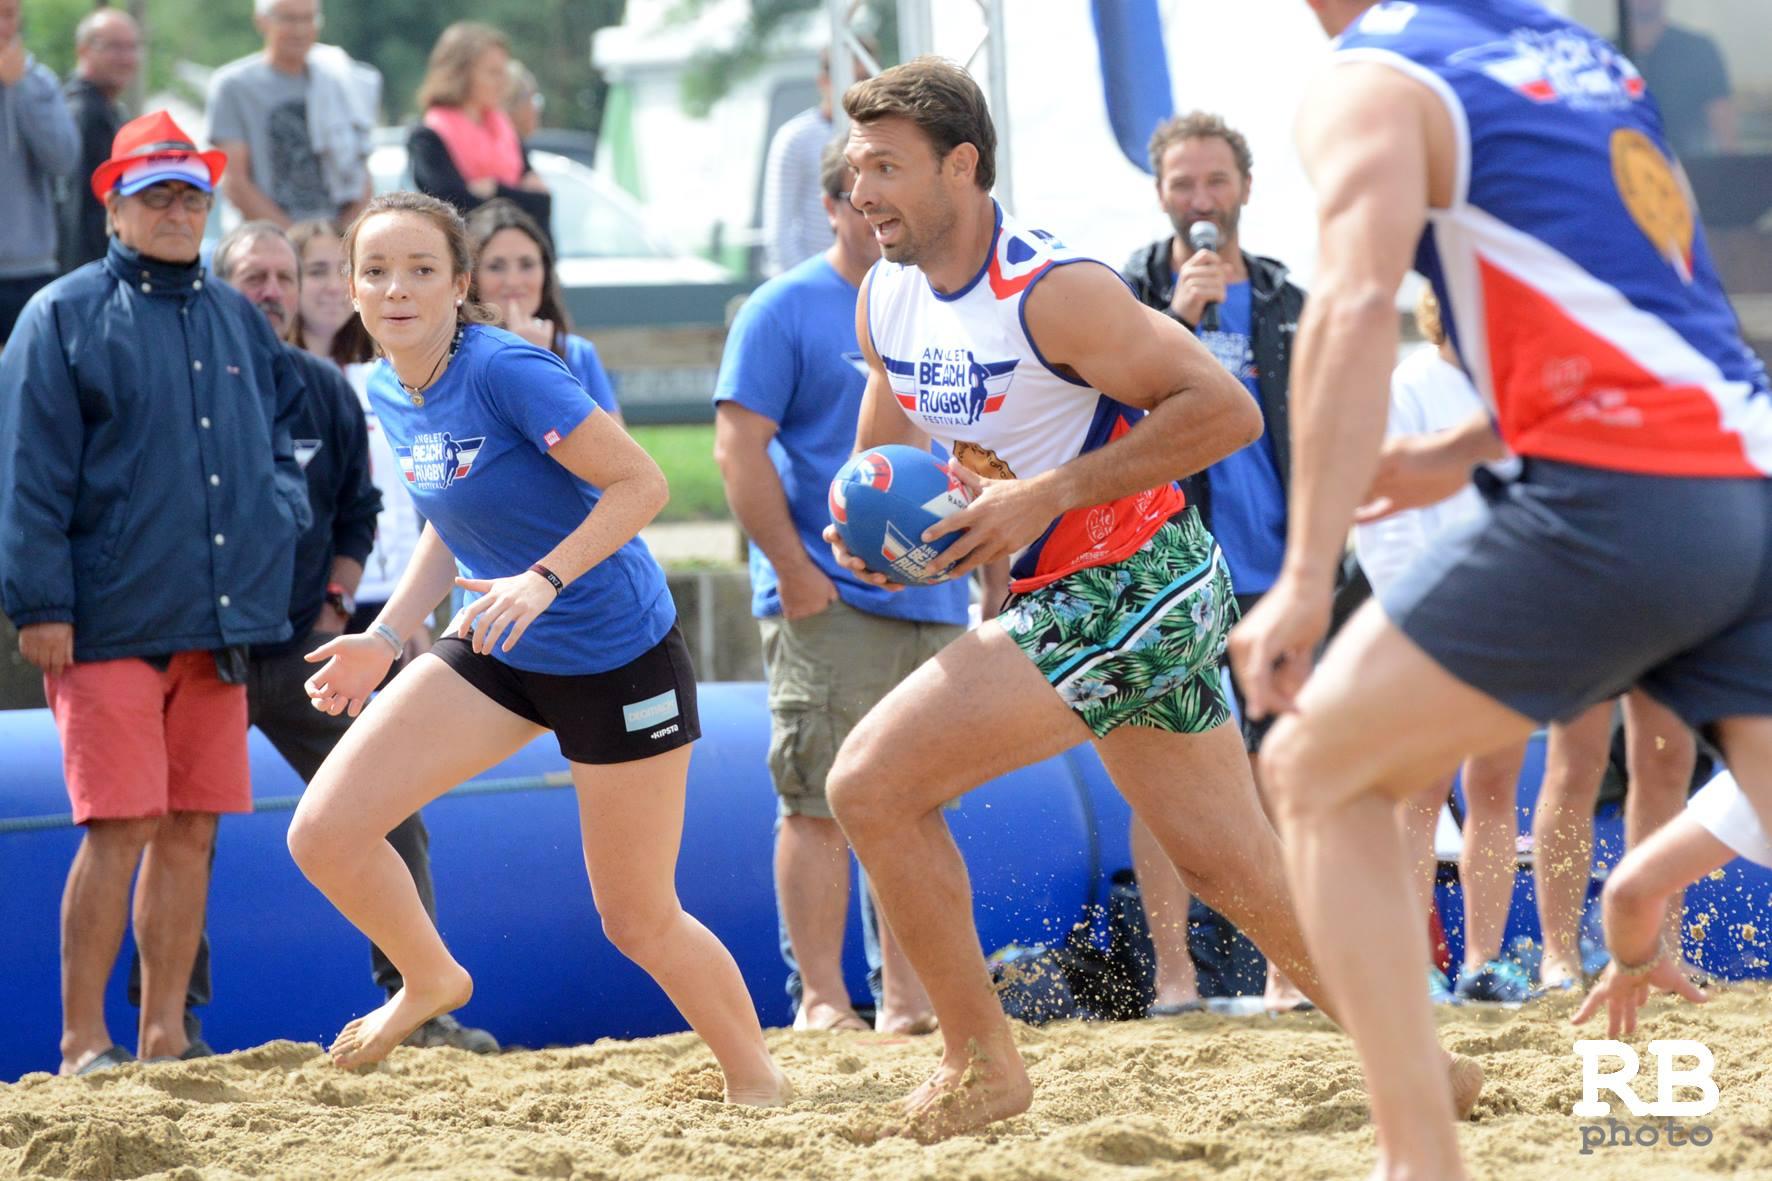 La Smoocyclette® lors de la 16e édition de l'Anglet Beach Rugby festival